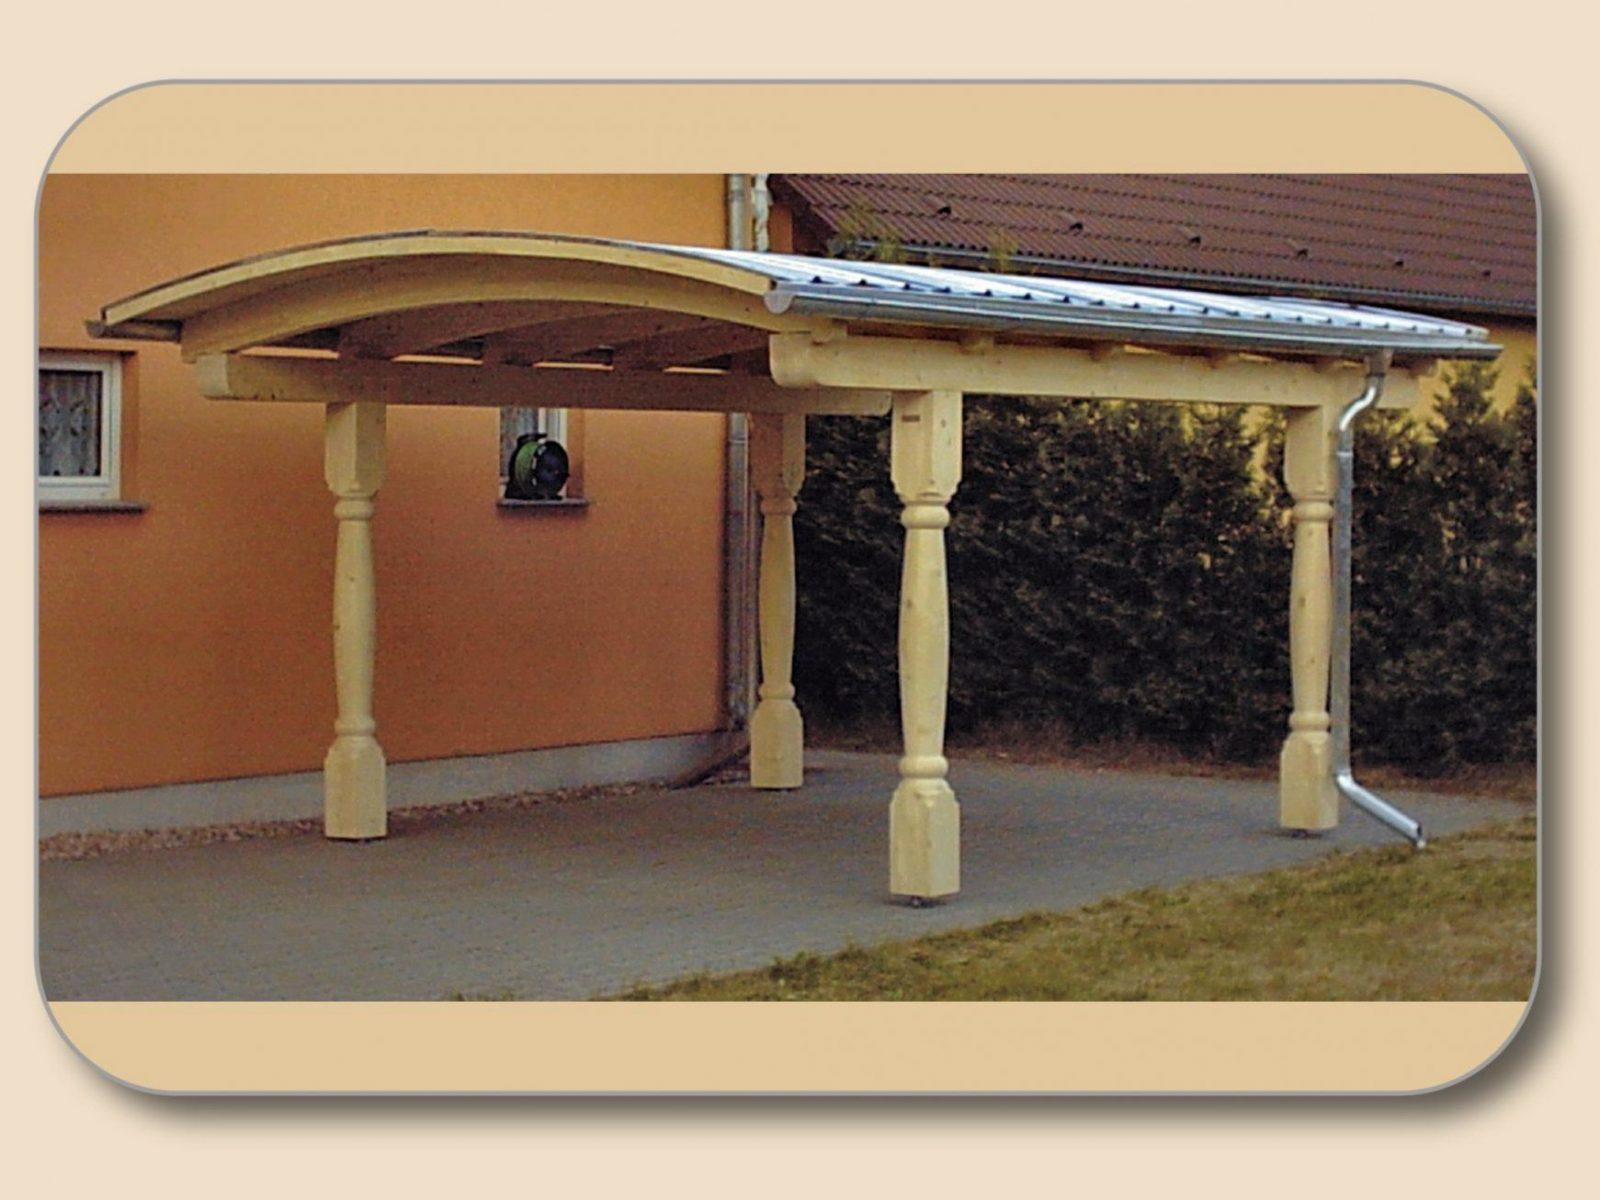 Carport Selber Bauen Mit Anleitung Von Holzon von Carport Selber Bauen Architektur Allgemein Bild